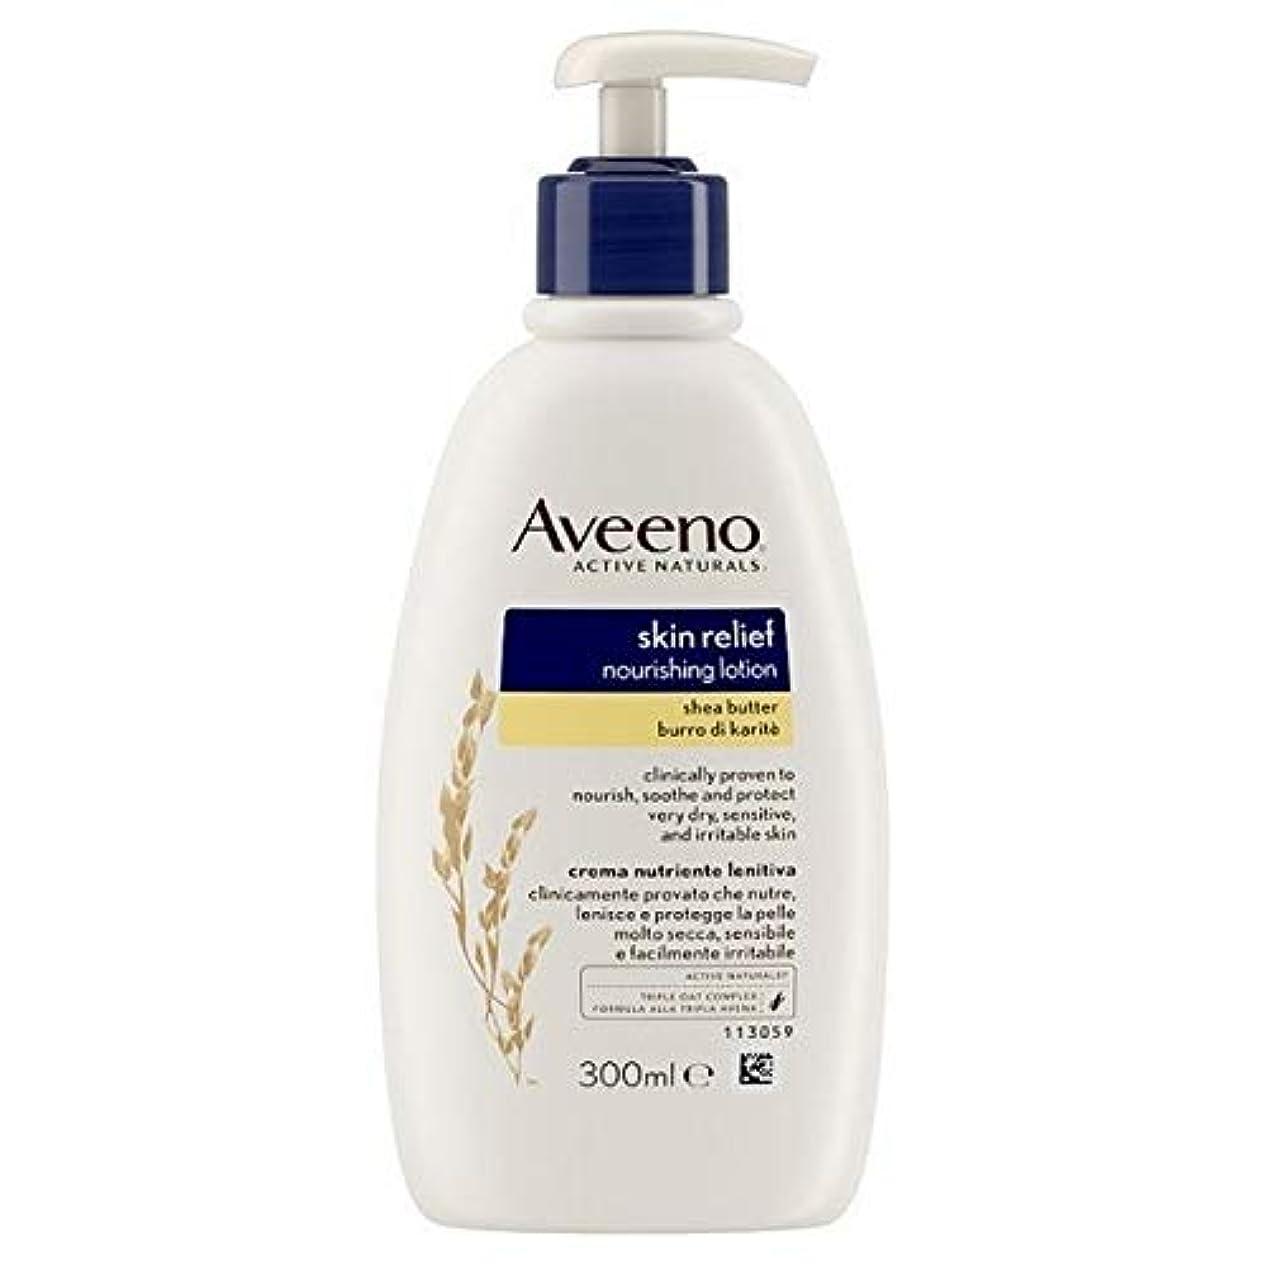 夕暮れみバスタブ[Aveeno] Aveenoスキンリリーフローション300ミリリットル - Aveeno Skin Relief Lotion 300ml [並行輸入品]